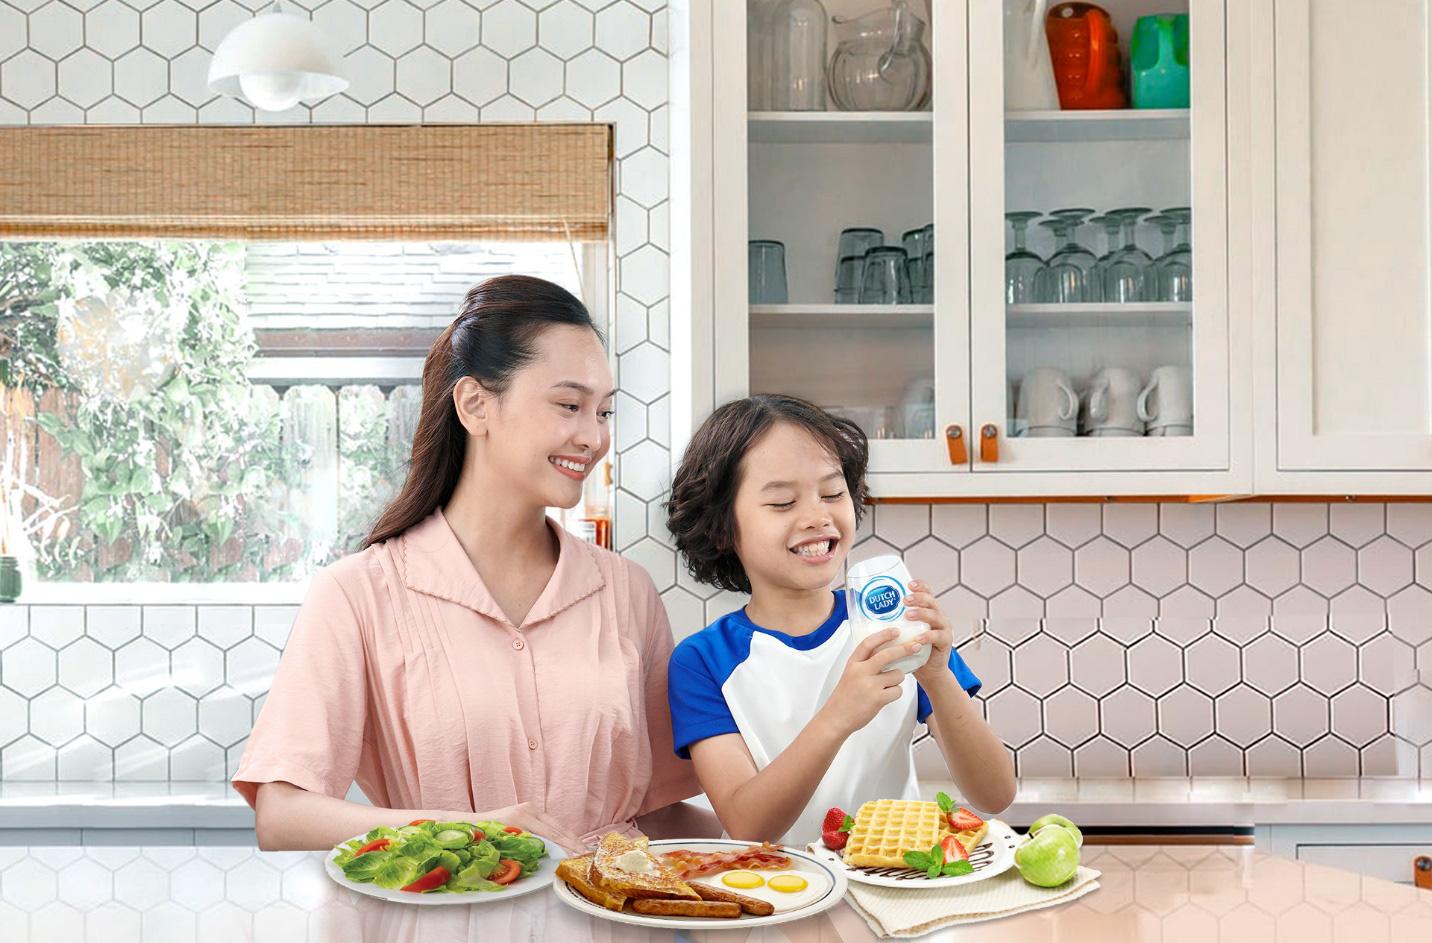 Bs. Trương Hữu Khanh chỉ cách giữ tinh thần lạc quan và dinh dưỡng cân bằng để an toàn vượt qua dịch bệnh - Ảnh 3.